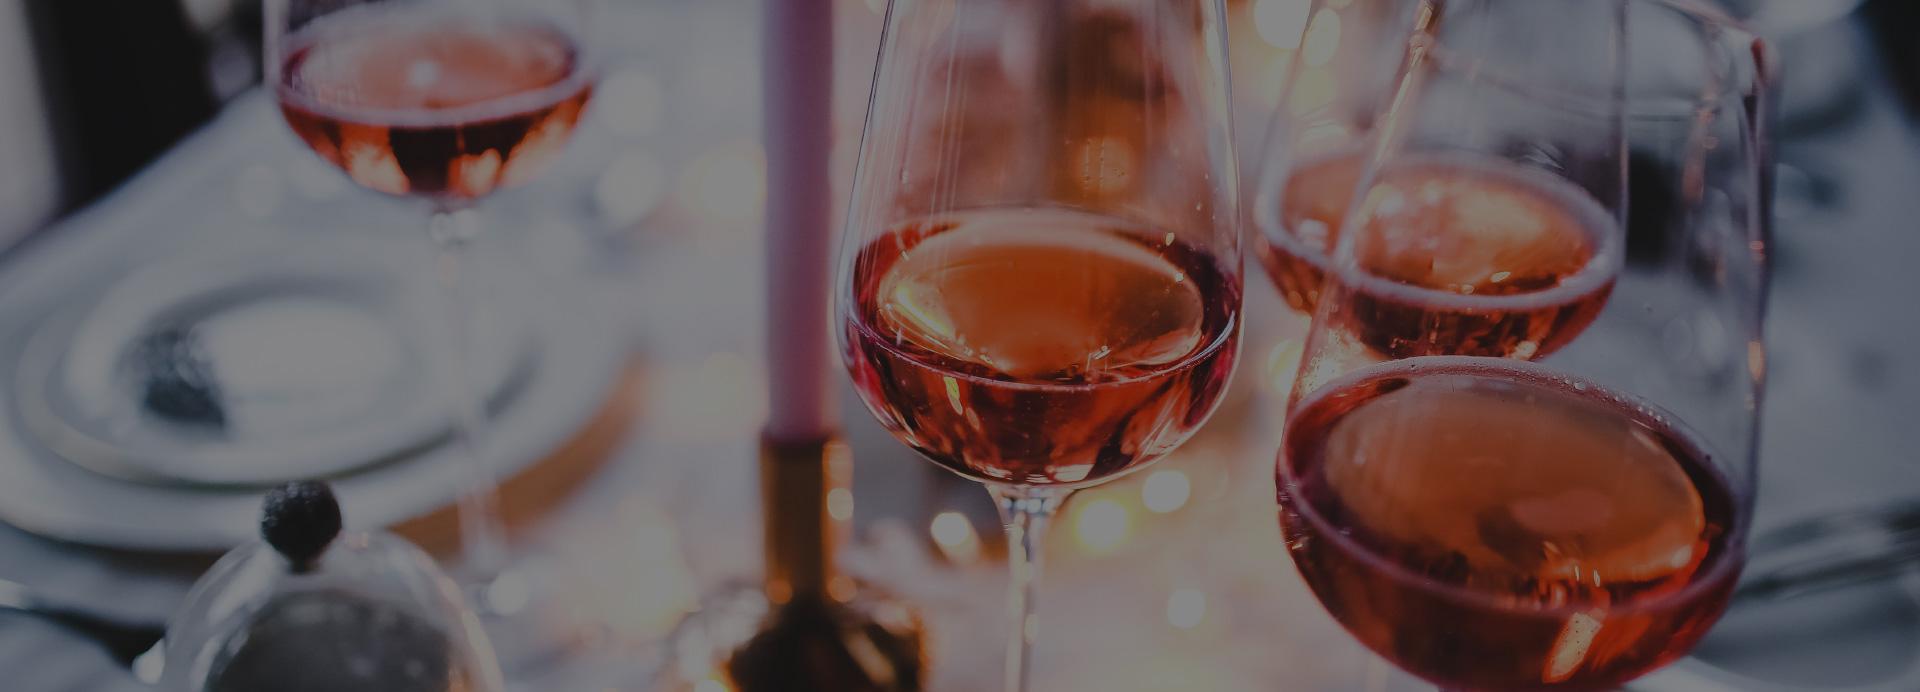 Wine glasses header